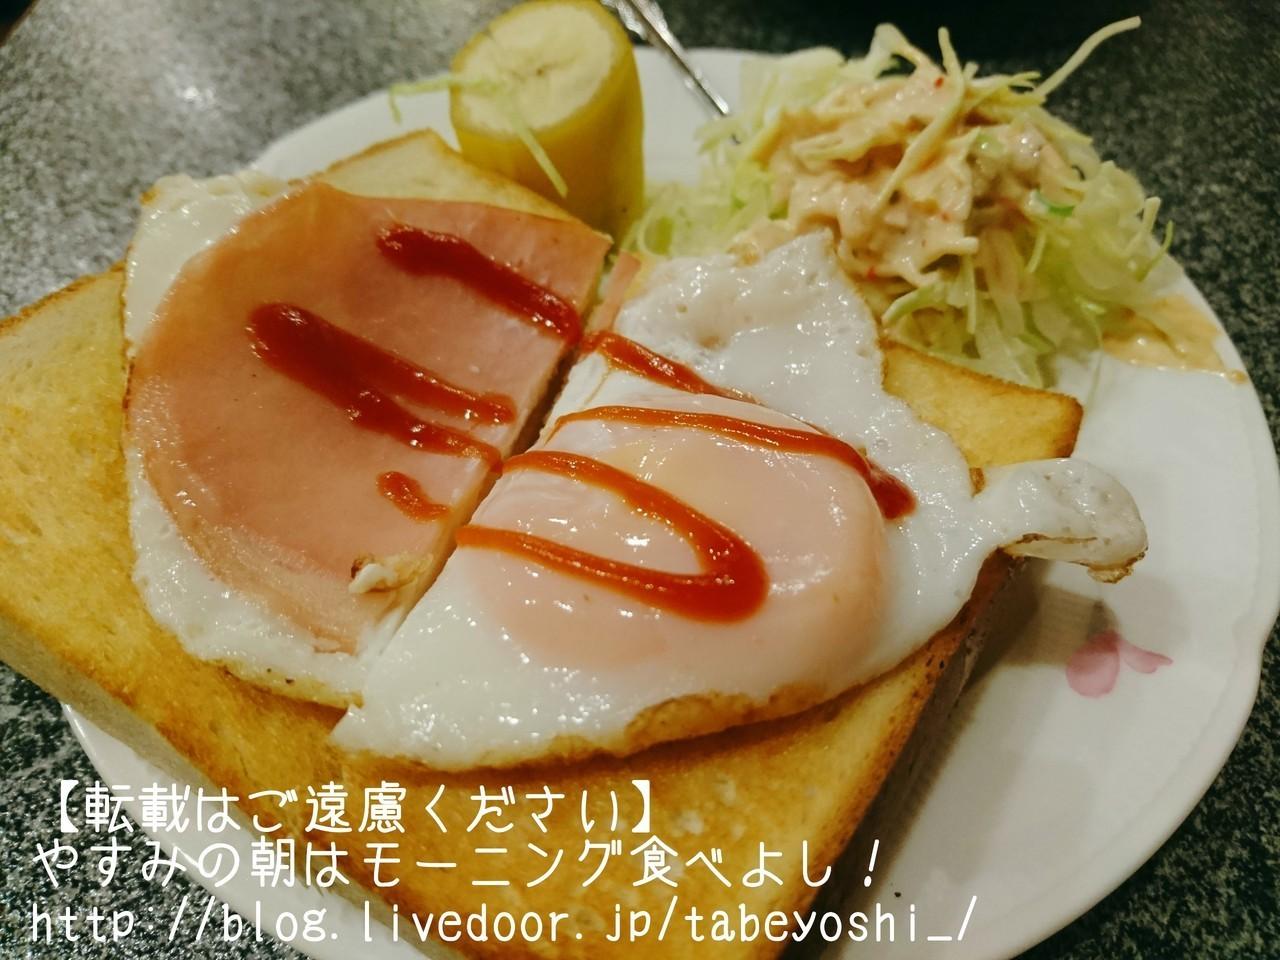 新大阪的『COFFEE HOUSE ROYAL』 一早就開始營業,真方便!